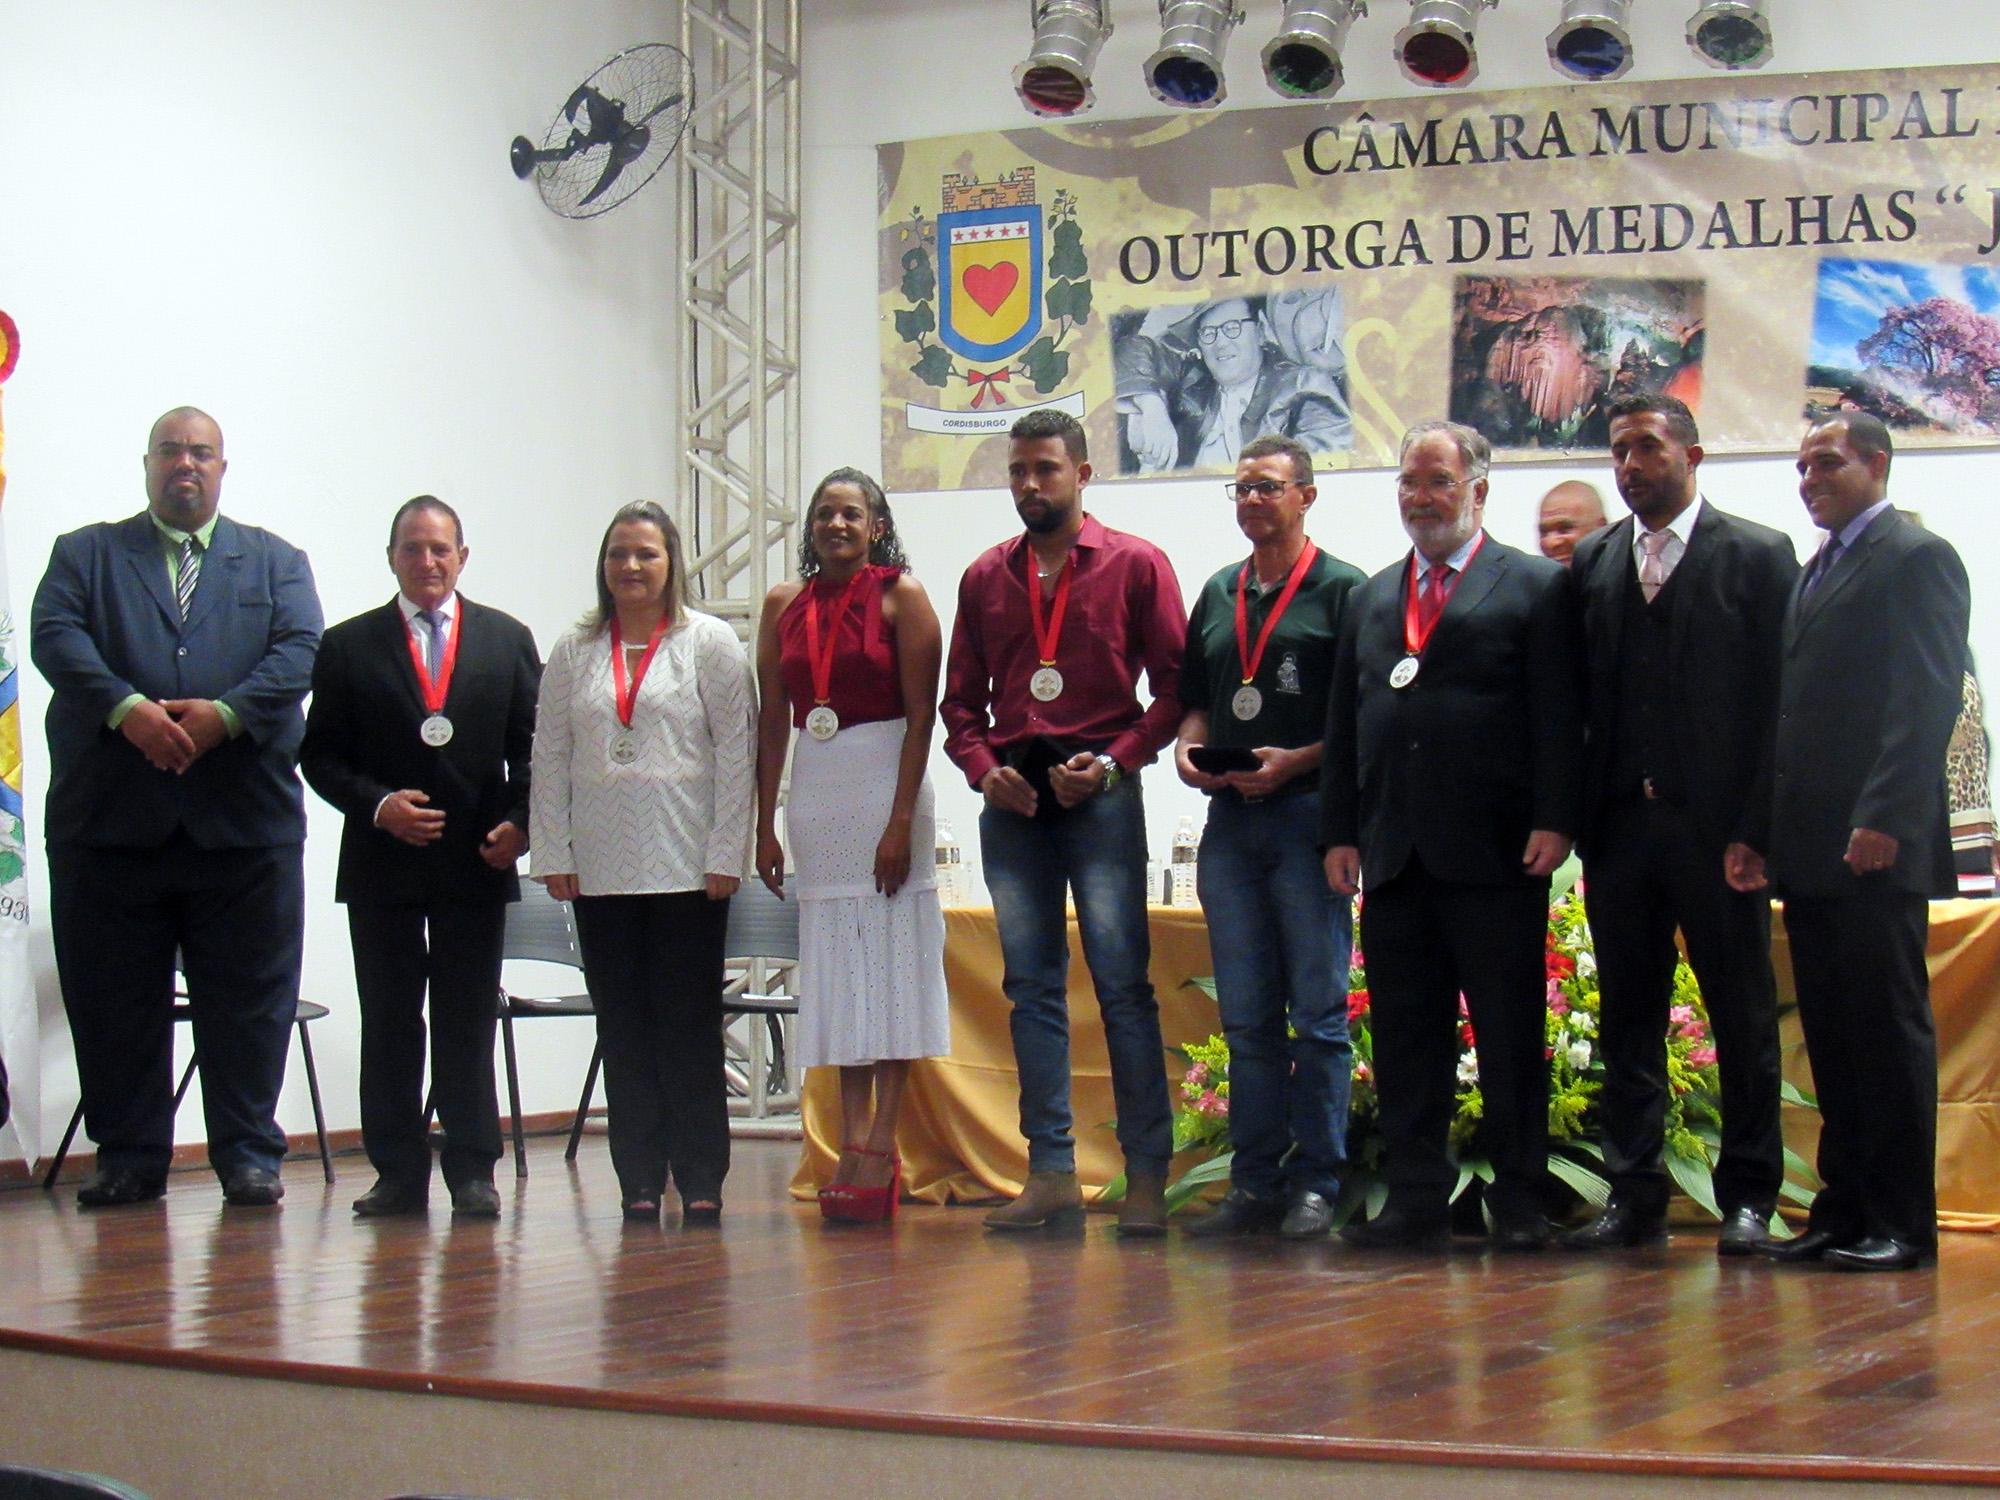 REUNIÃO ESPECIAL – ENTREGA DE MEDALHAS GUIMARÃES ROSA 2019